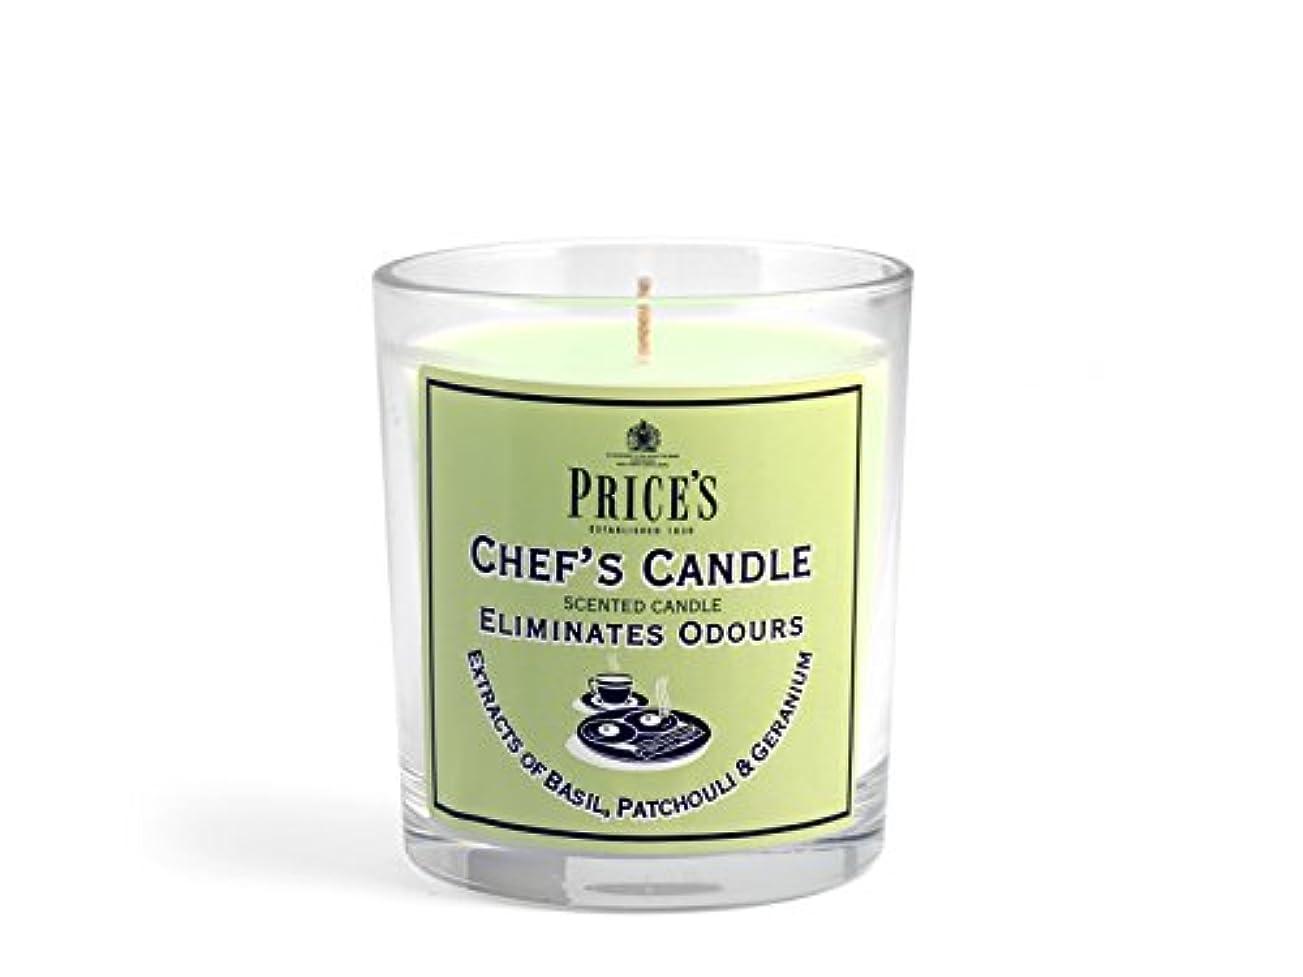 お風呂を持っているずんぐりしたヒューマニスティックPrice′s(プライシズ) Fresh Air CANDLE TIN Jar type (フレッシュエアー キャンドル ジャータイプ) CHEF'S(シェフズ)